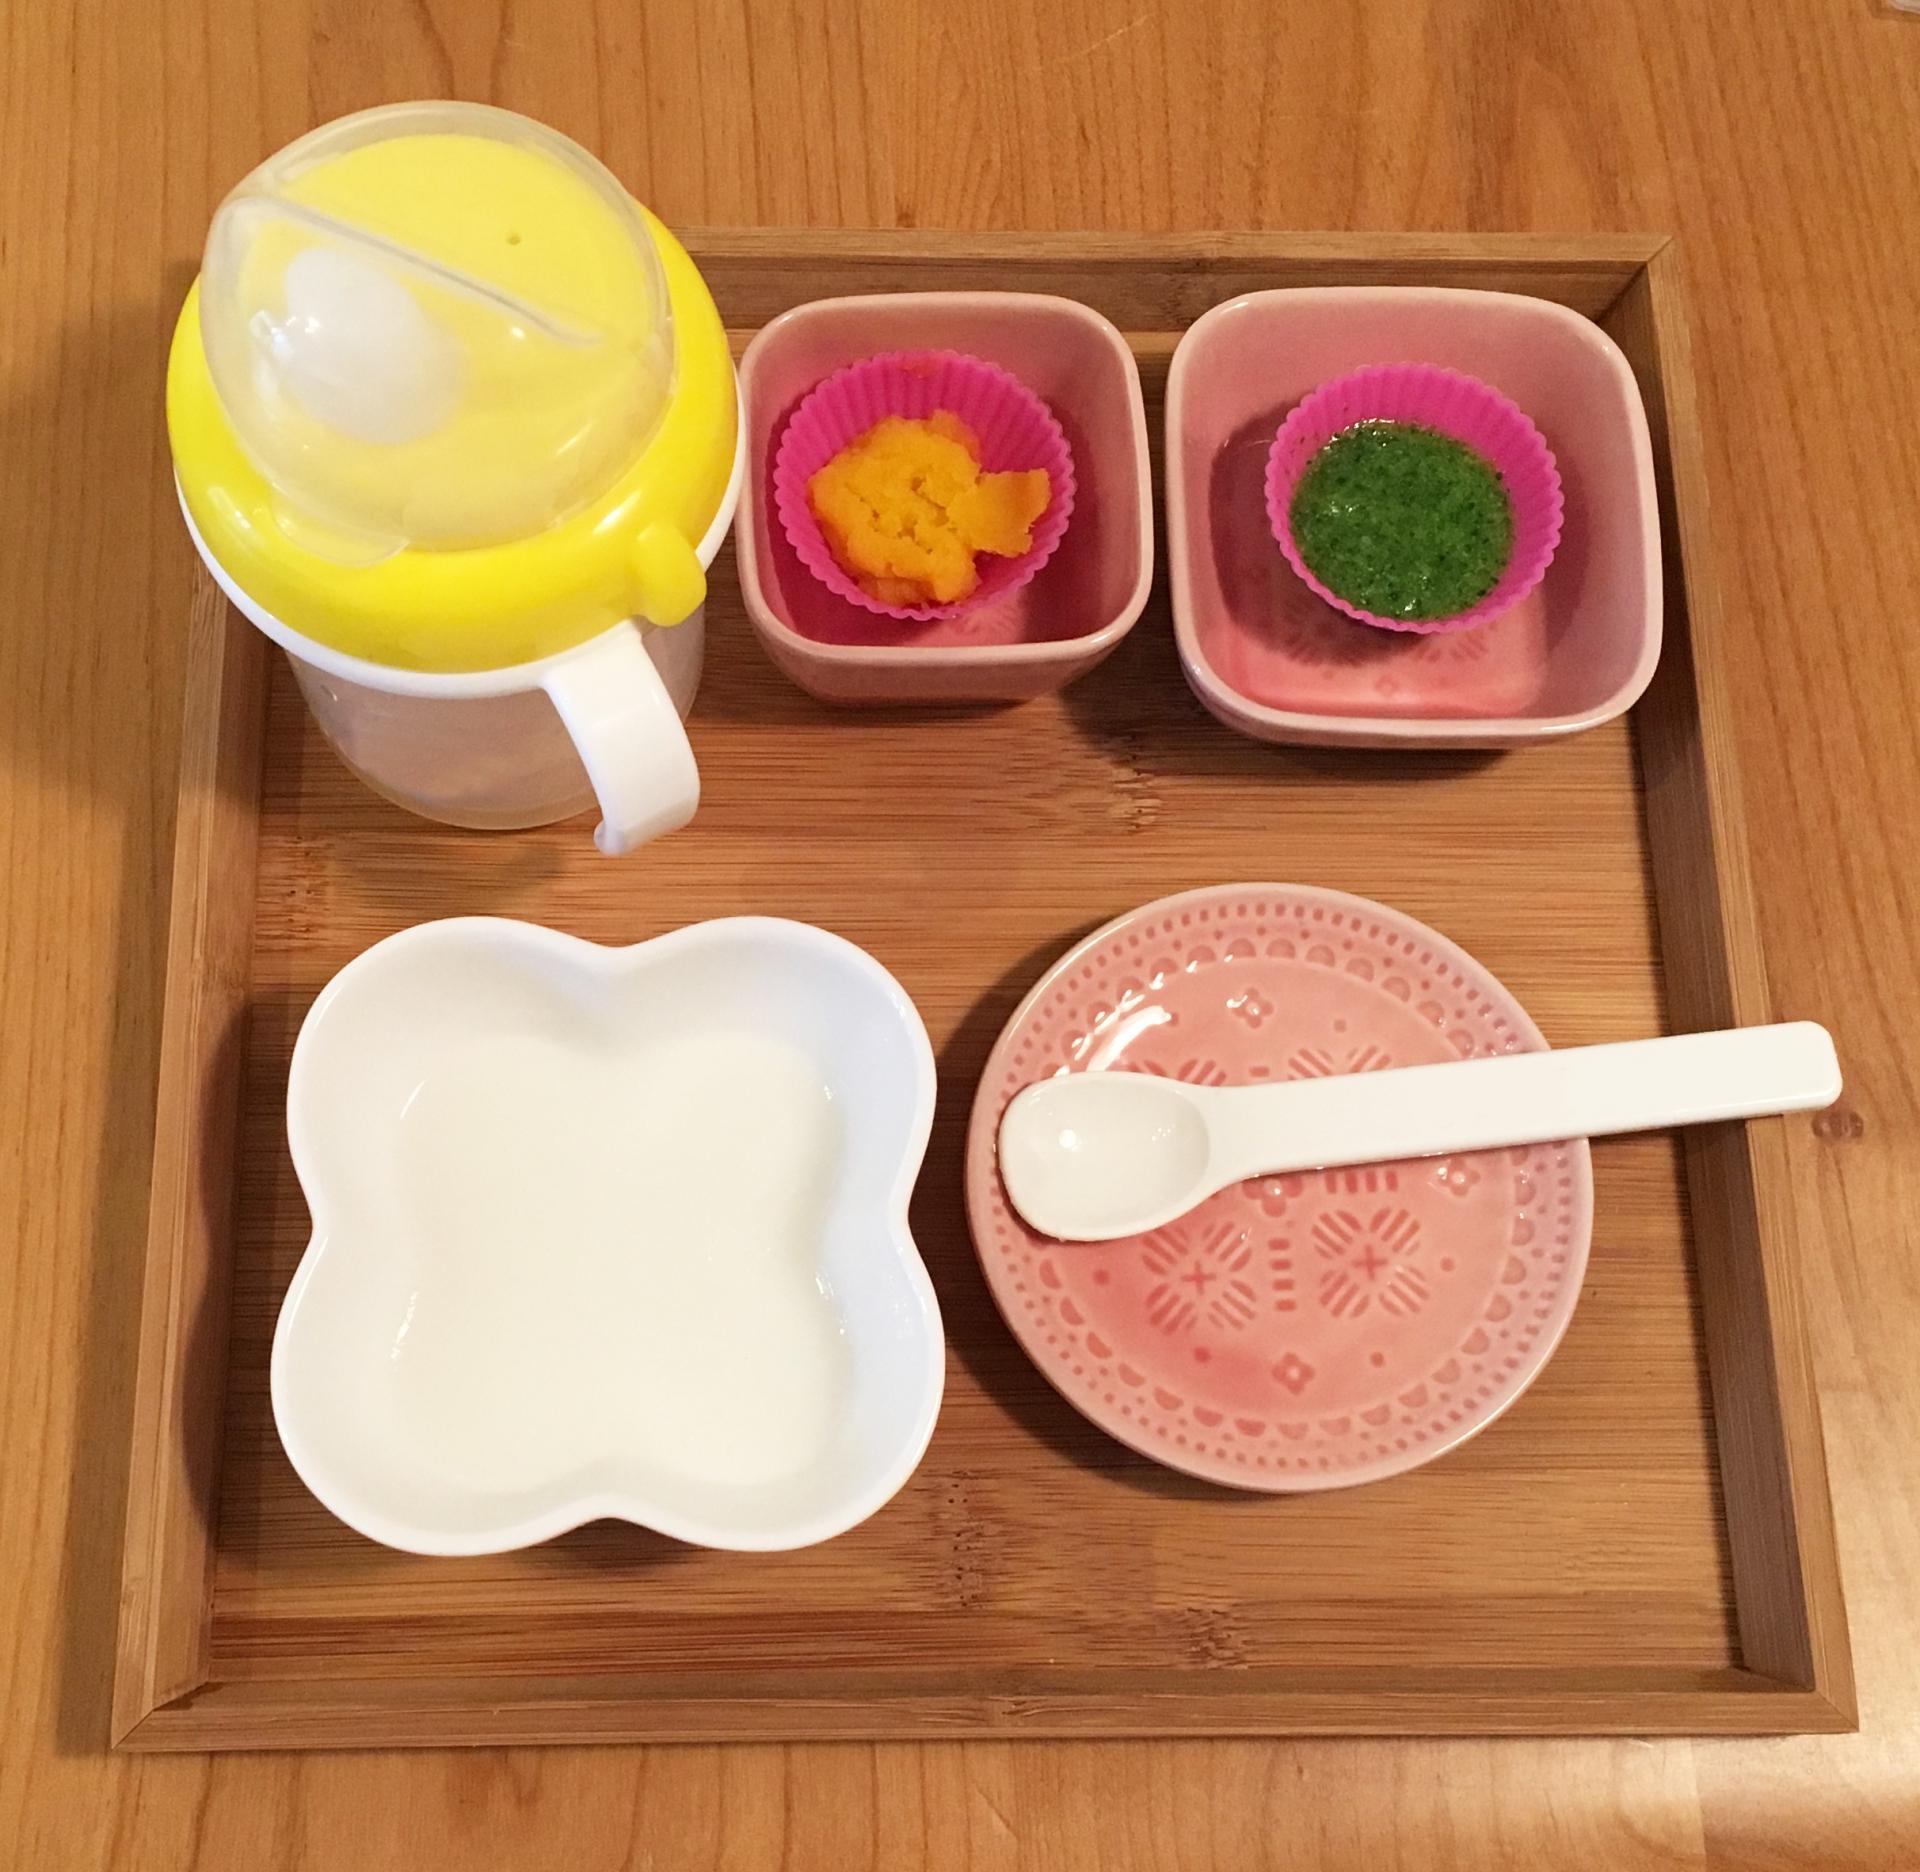 離乳食初期(5~6ヶ月ごろ)におすすめレシピとは。この時期に食べられる食材別にご紹介